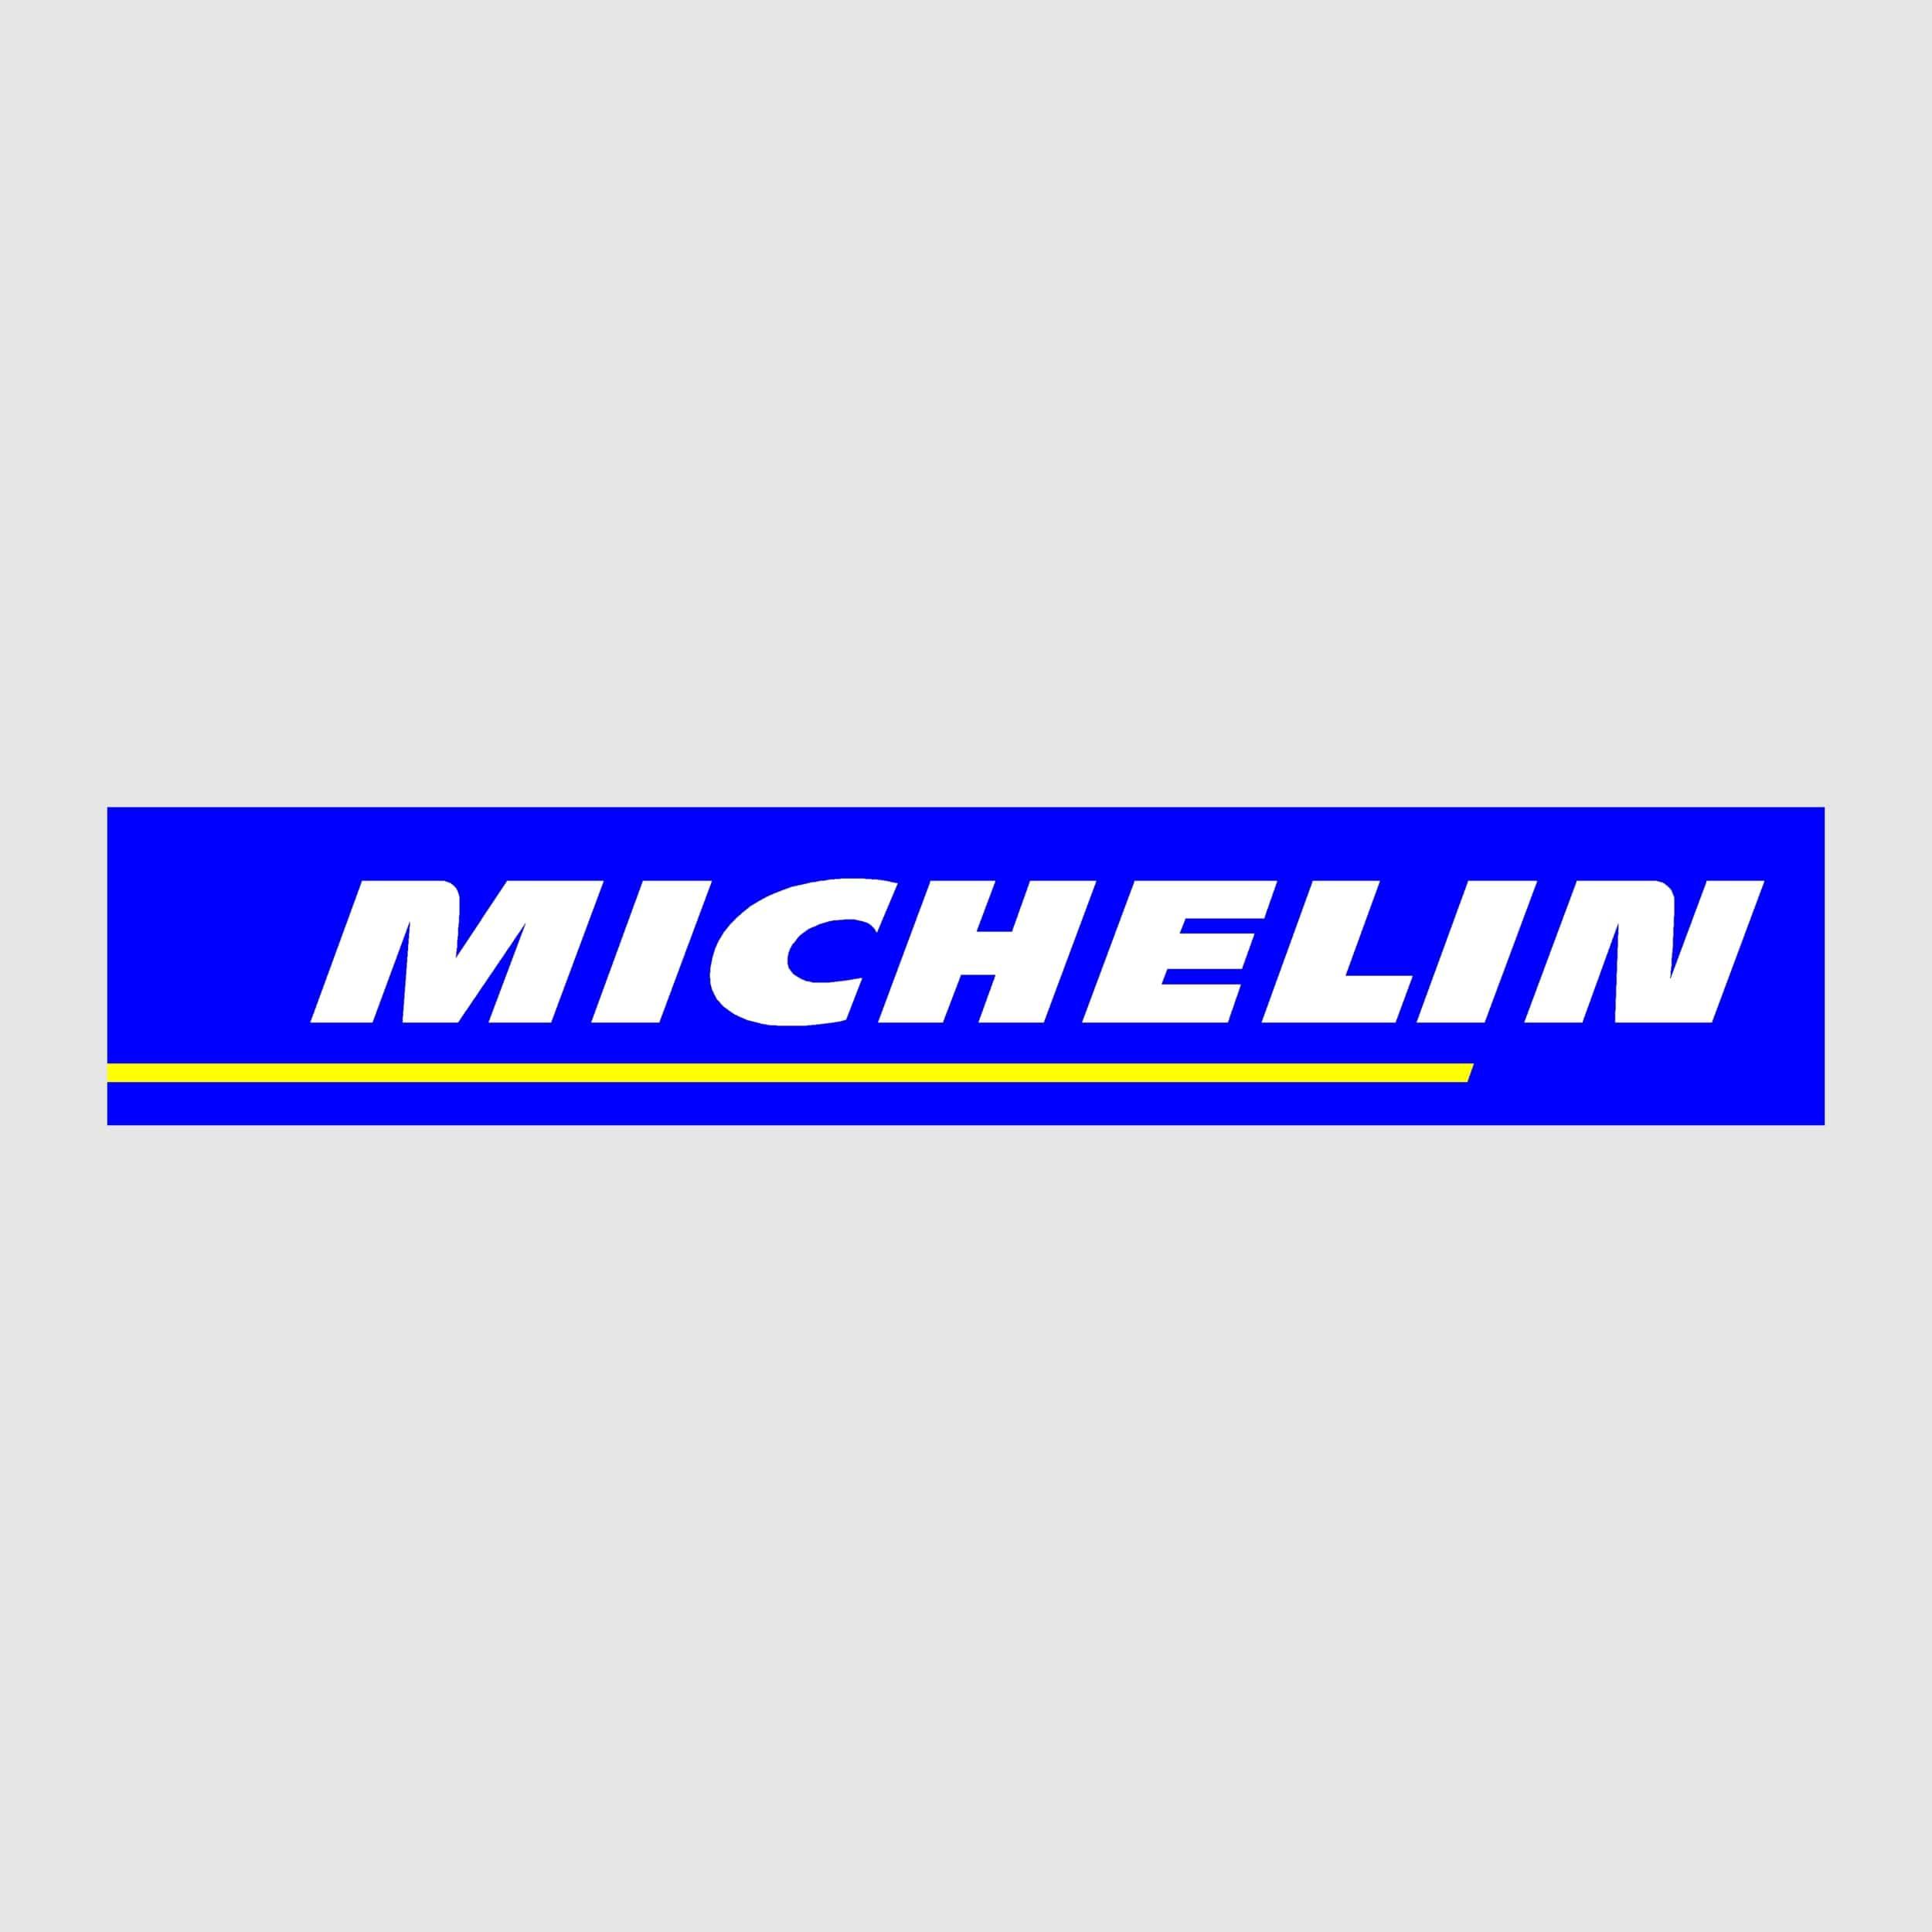 STICKERS MICHELIN TEXTE